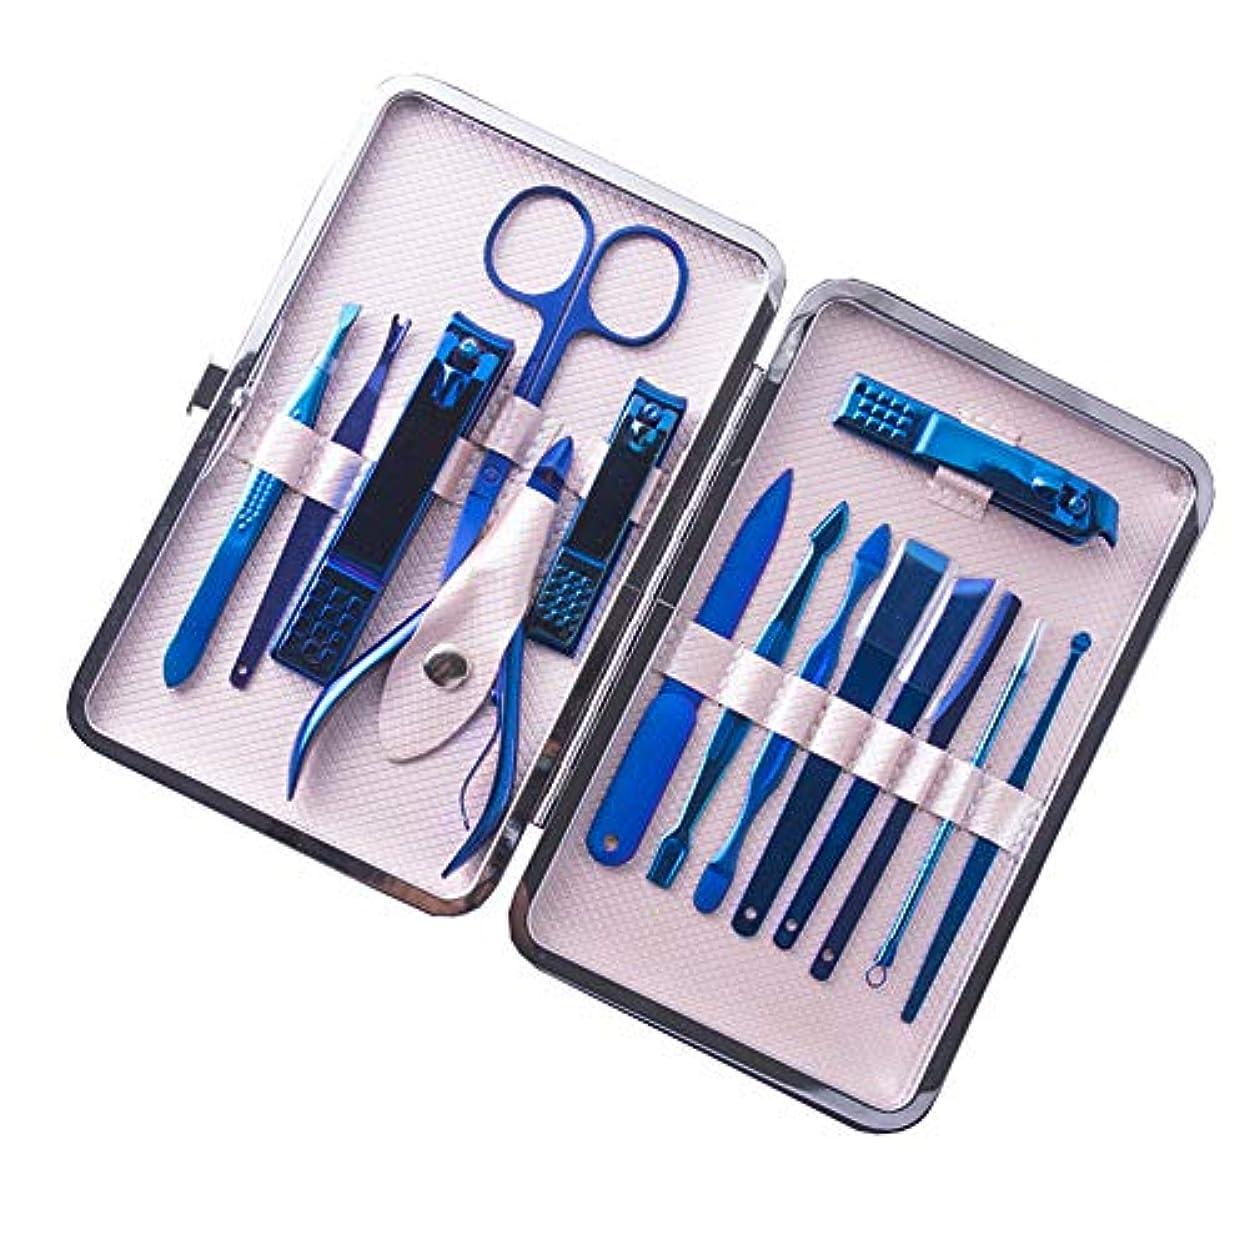 アクティブ予防接種レタスAUGOOG ネイルケアセット 爪切り ニッパー 爪切りセット 多機能ステンレス製ネイルケアセット 角質ケア 携帯便利 男女兼用 専用収納ケース付き (青い)